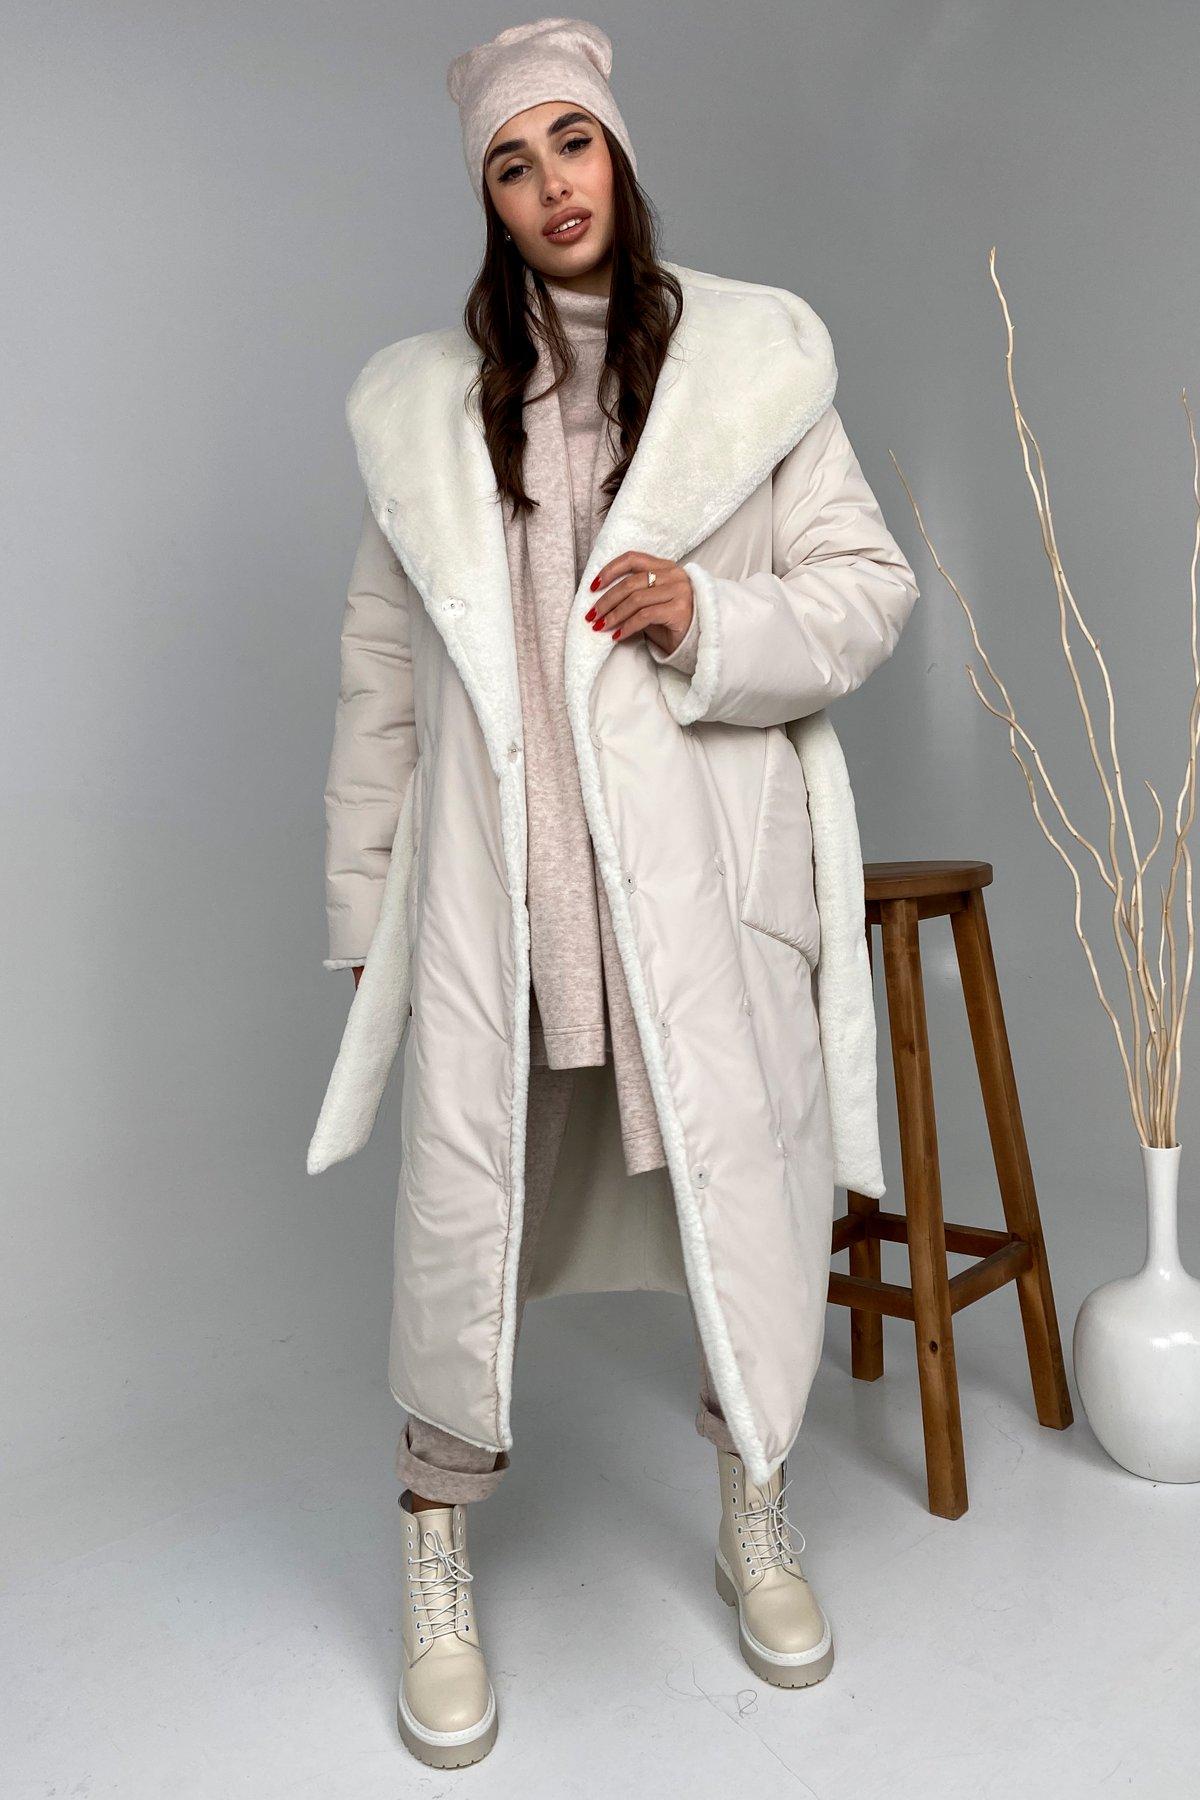 Сноу  теплое двухстороннее пальто из  еко меха и плотной  плащевки 9956 АРТ. 46243 Цвет: Молоко - фото 1, интернет магазин tm-modus.ru